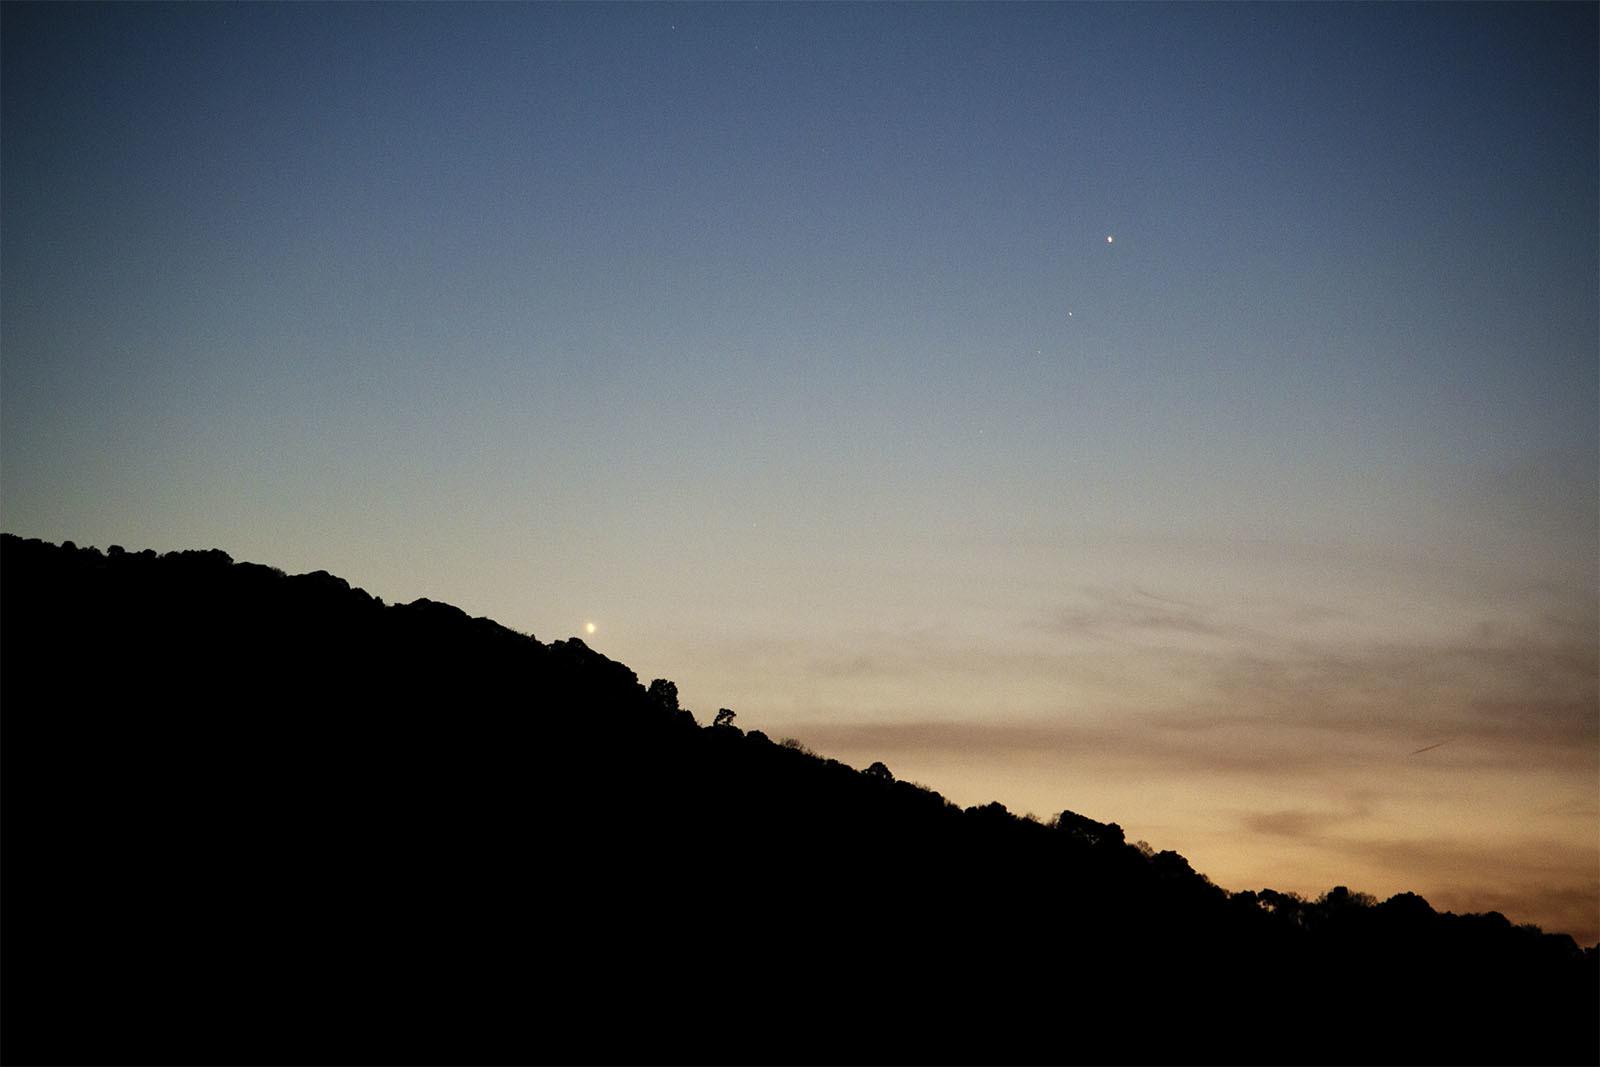 水星と金星接近中! 3月17日の夕方_e0174091_17482712.jpg